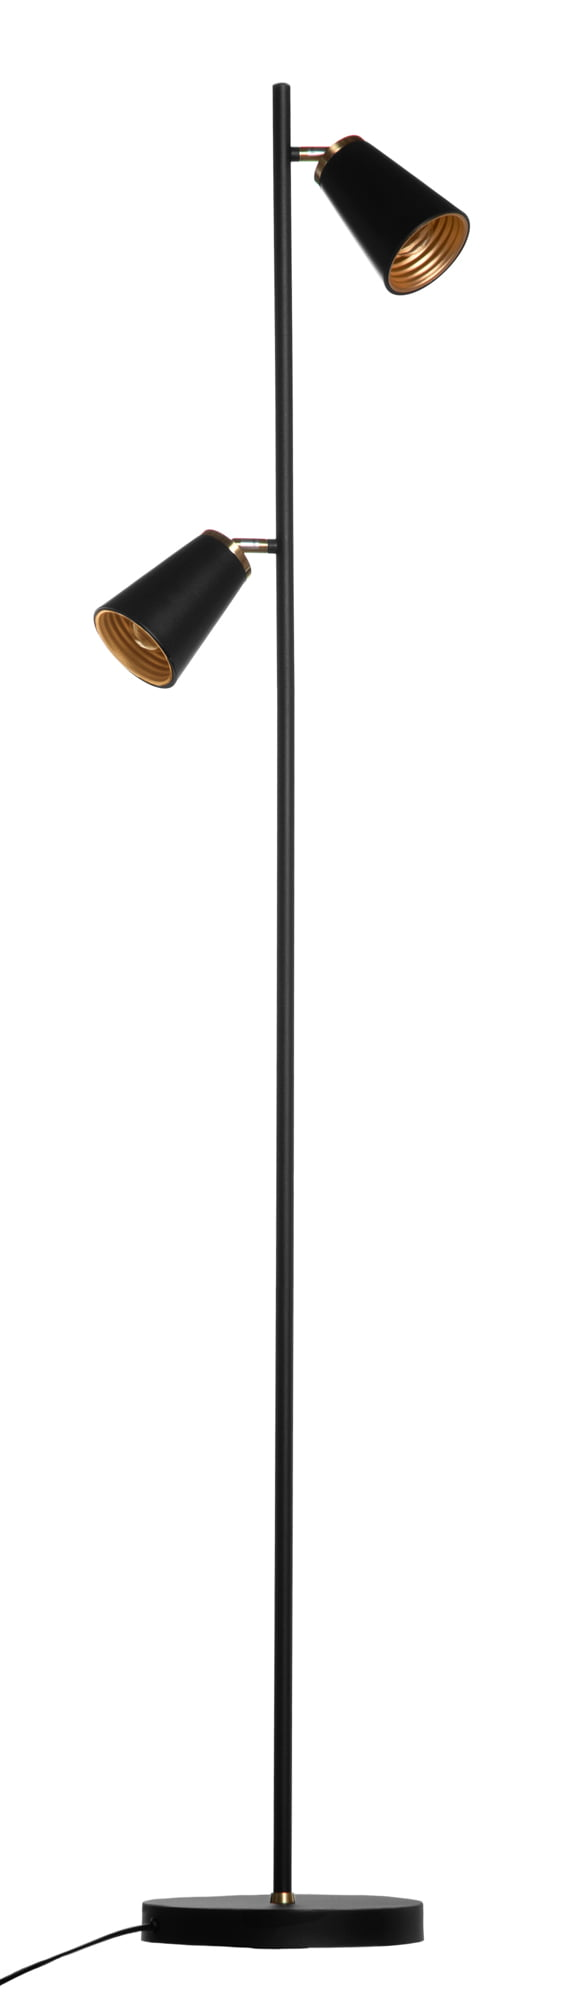 Musta lattiavalaisin, jossa on kaksi varjostinta. Varjostimet ovat valaisimen molemmin puolin ja niiden sisäosat ovat kullanväritset.